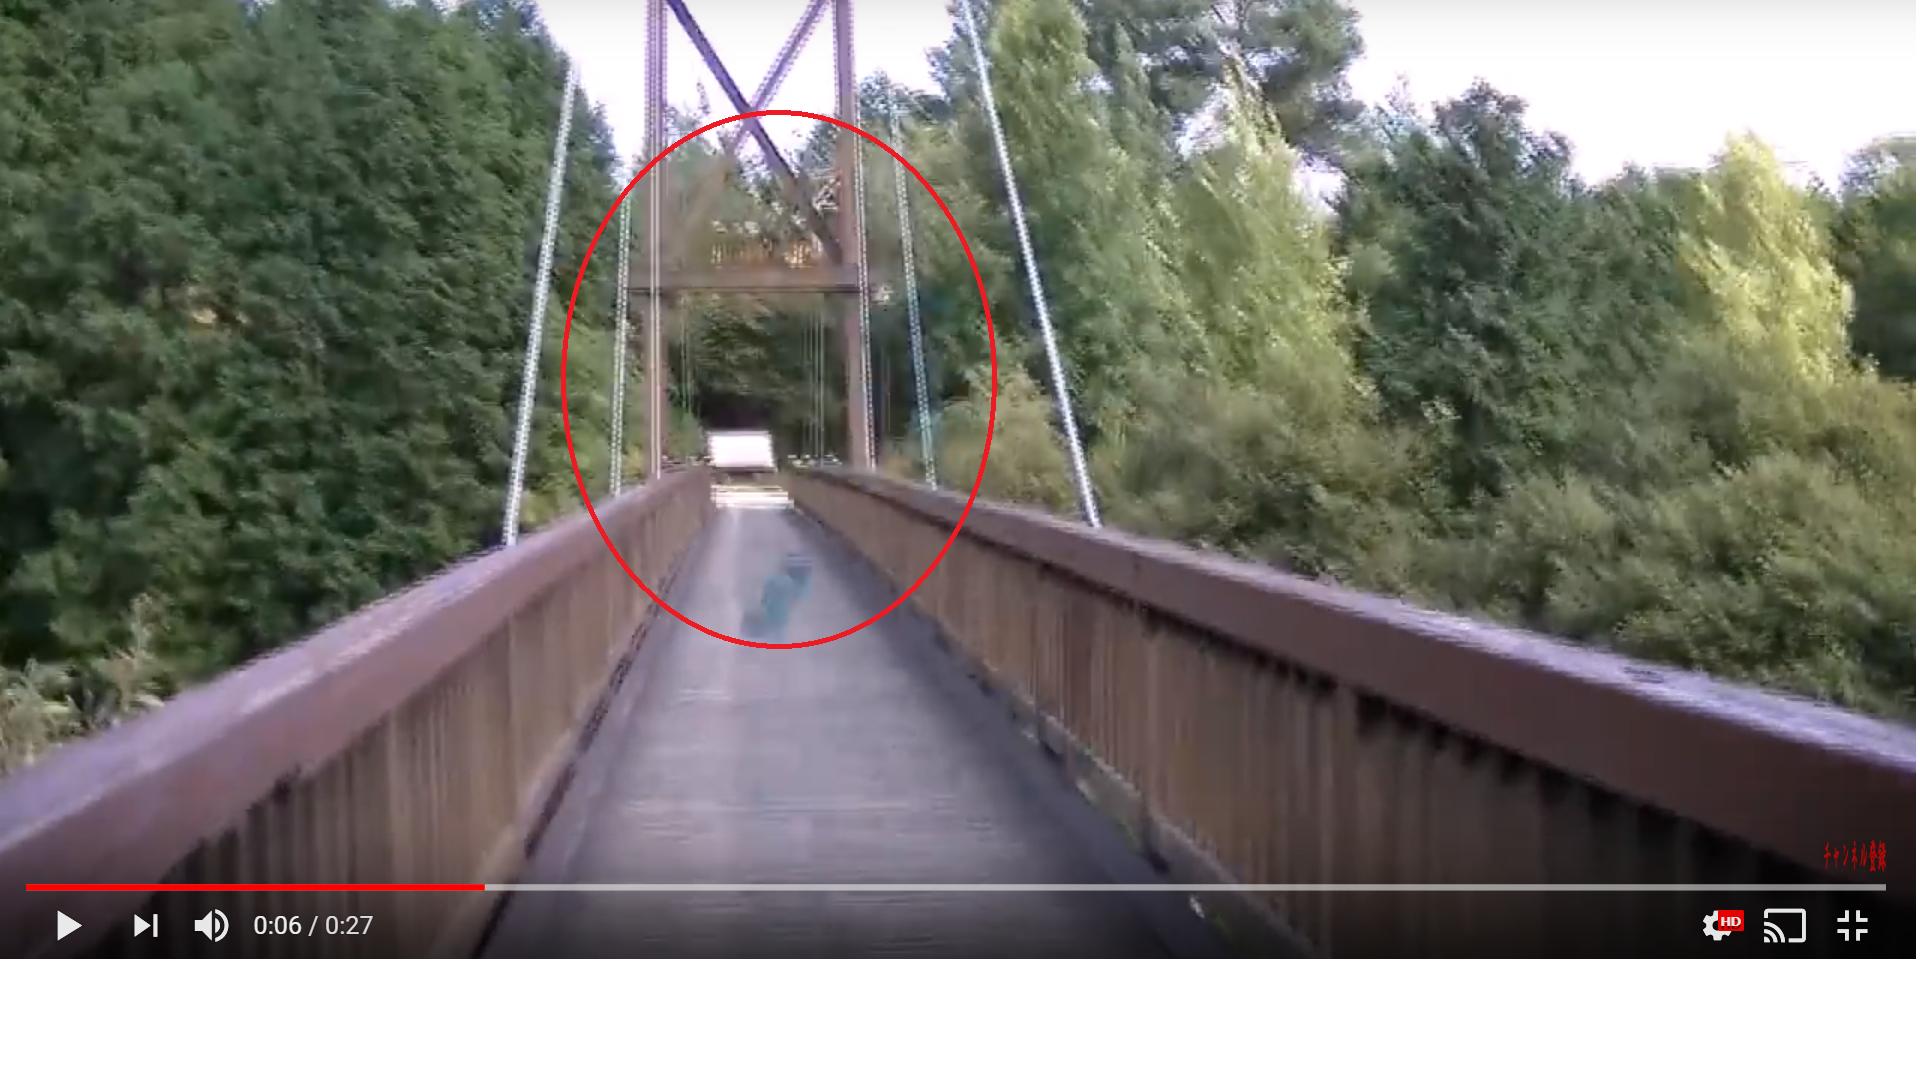 ハイキング中に現れたマラソンランナーの心霊動画!